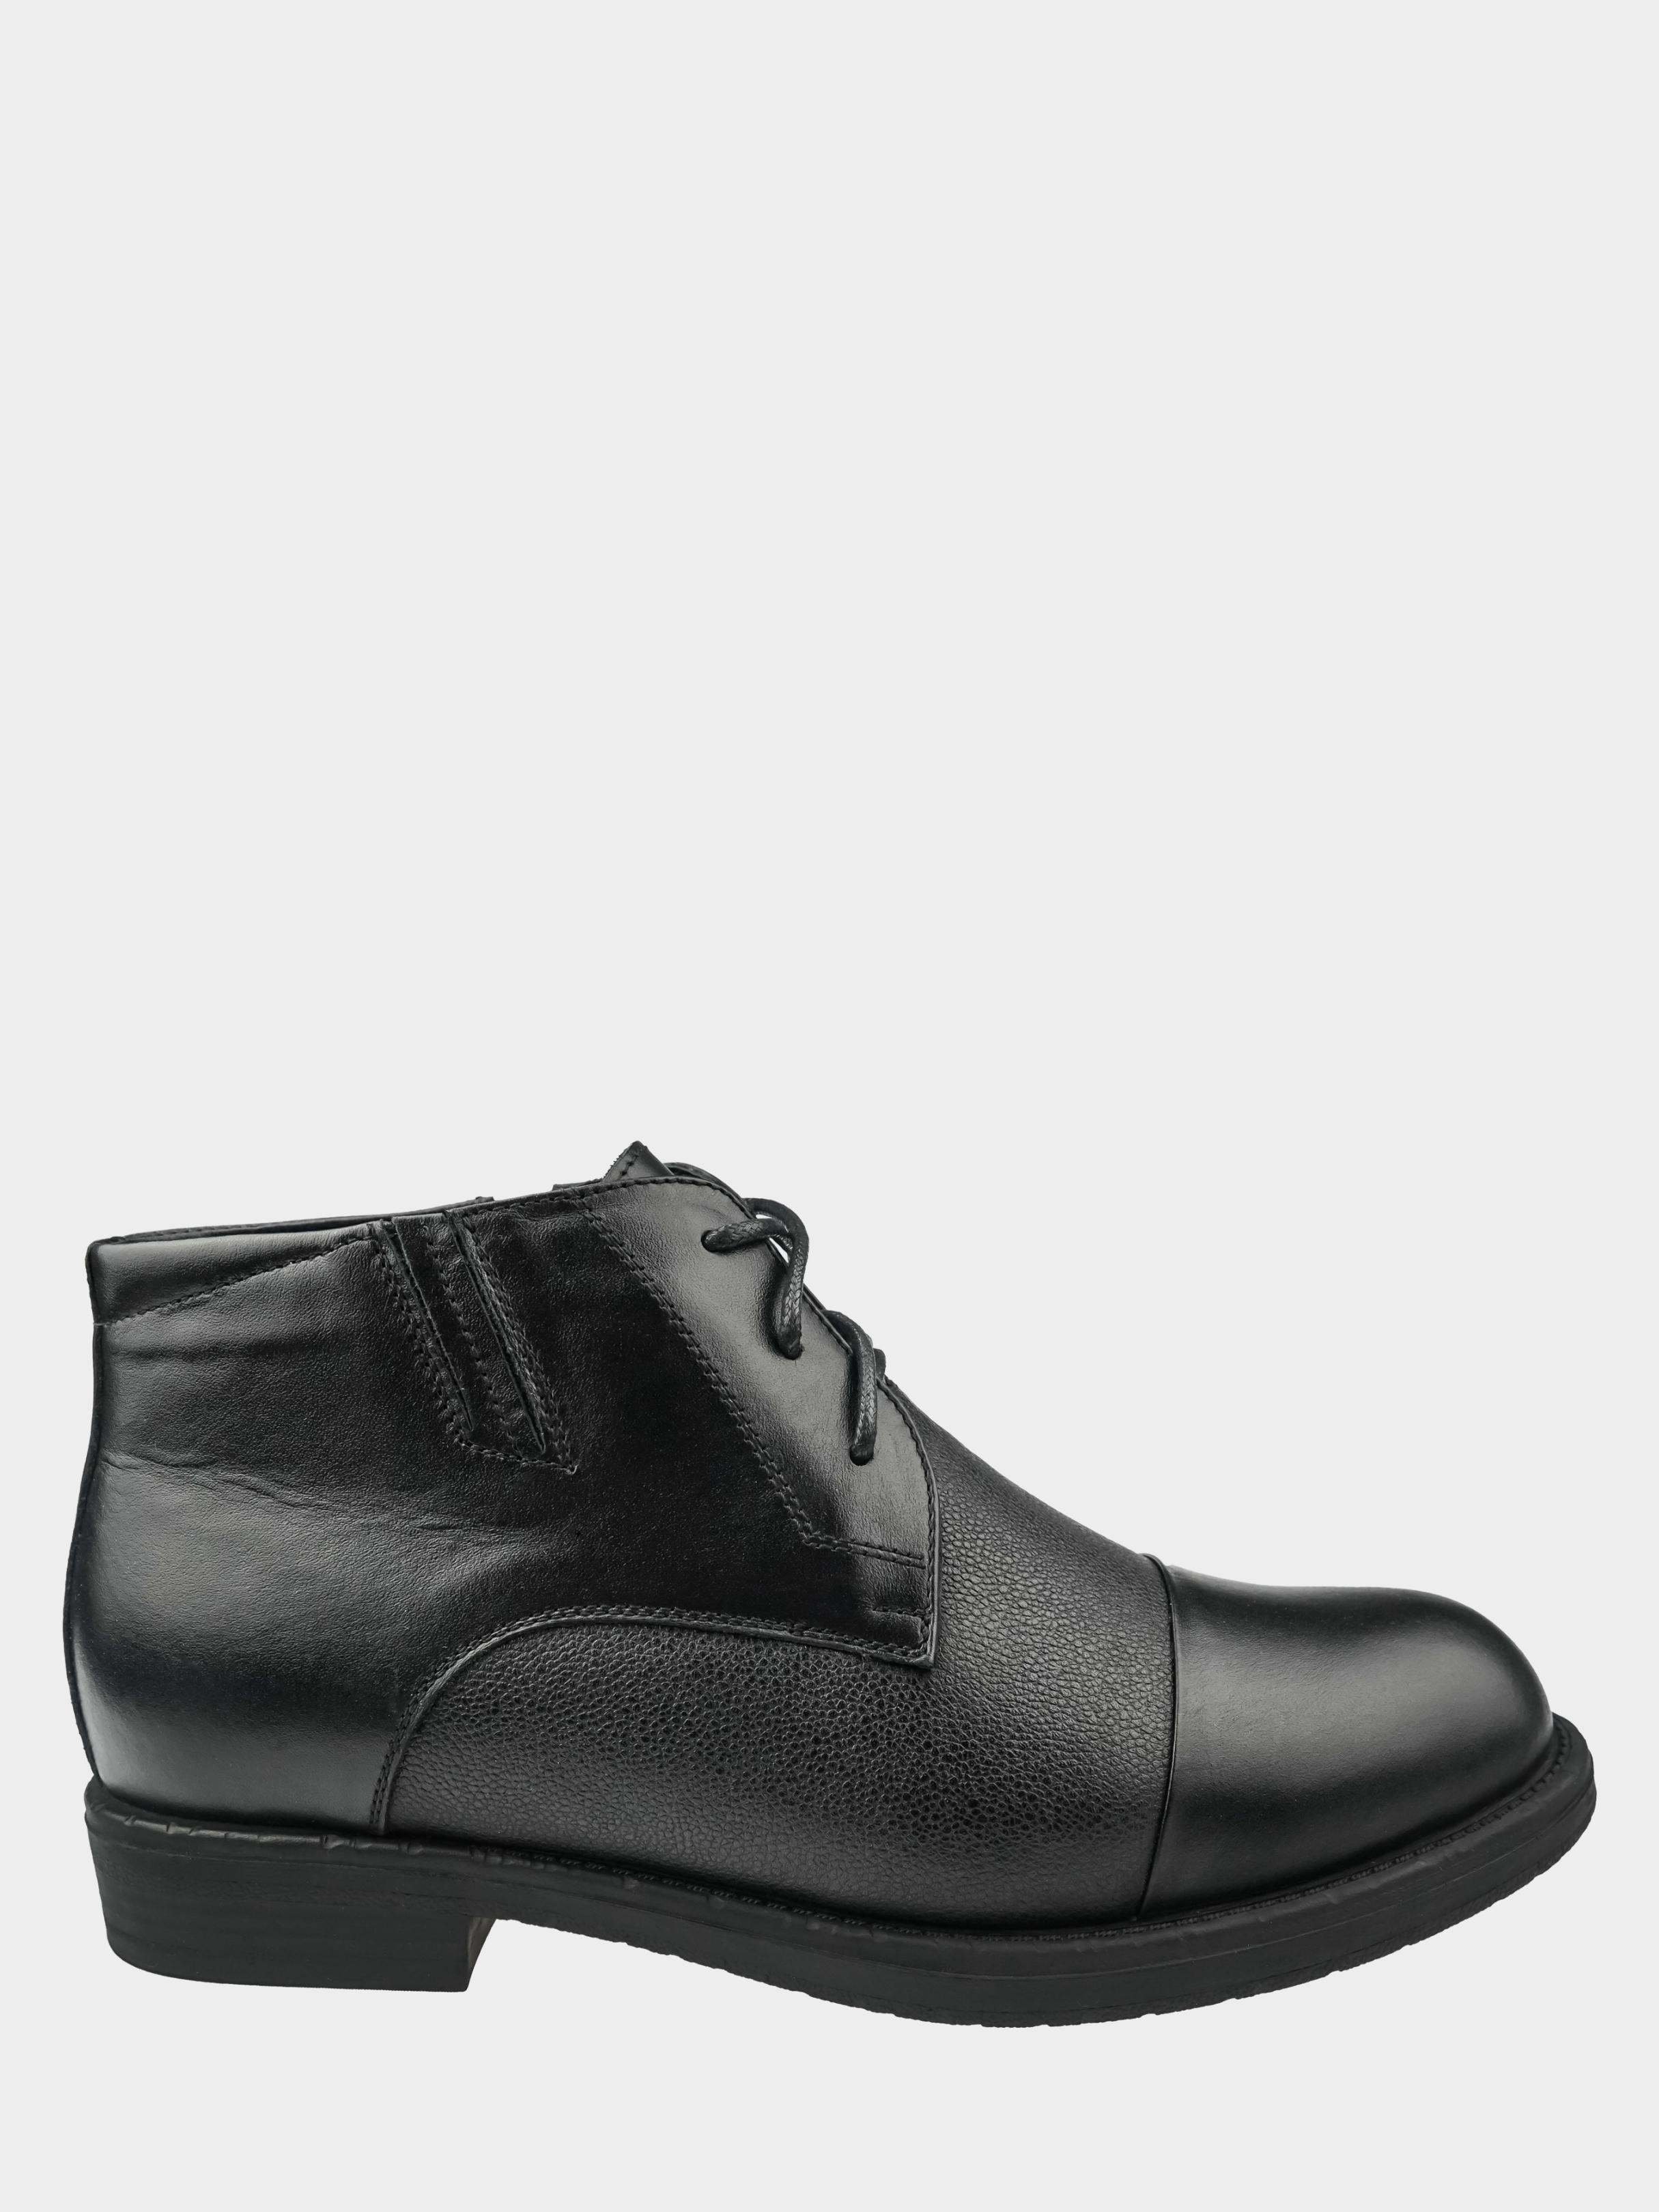 LiONEli / Ботинки мужские Ботинки LZ3574-31